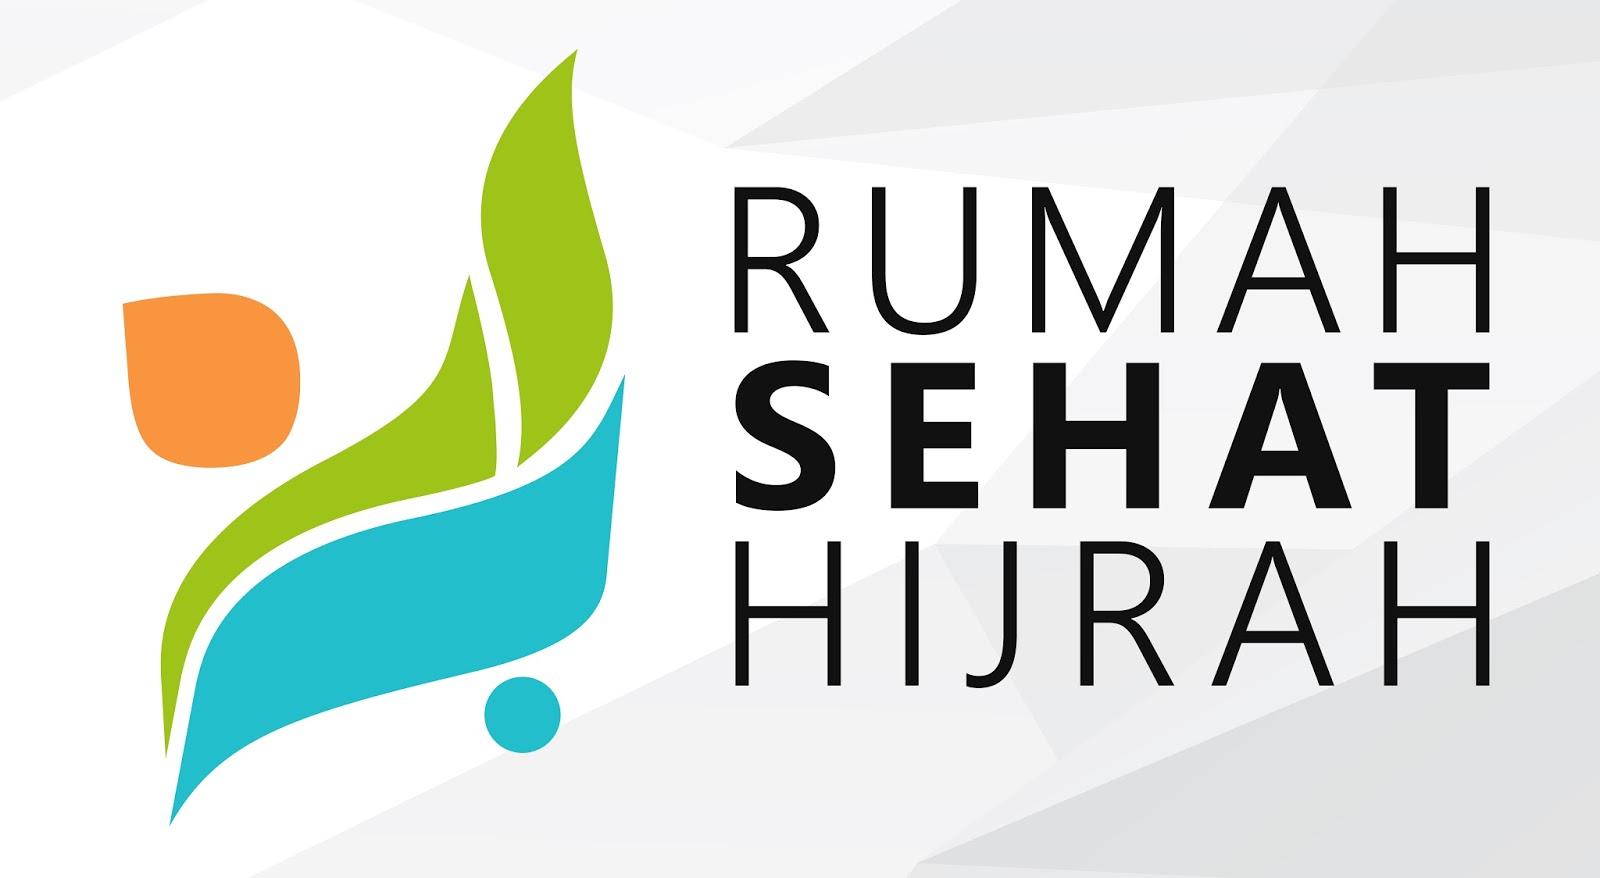 RUMAH SEHAT HIJRAH